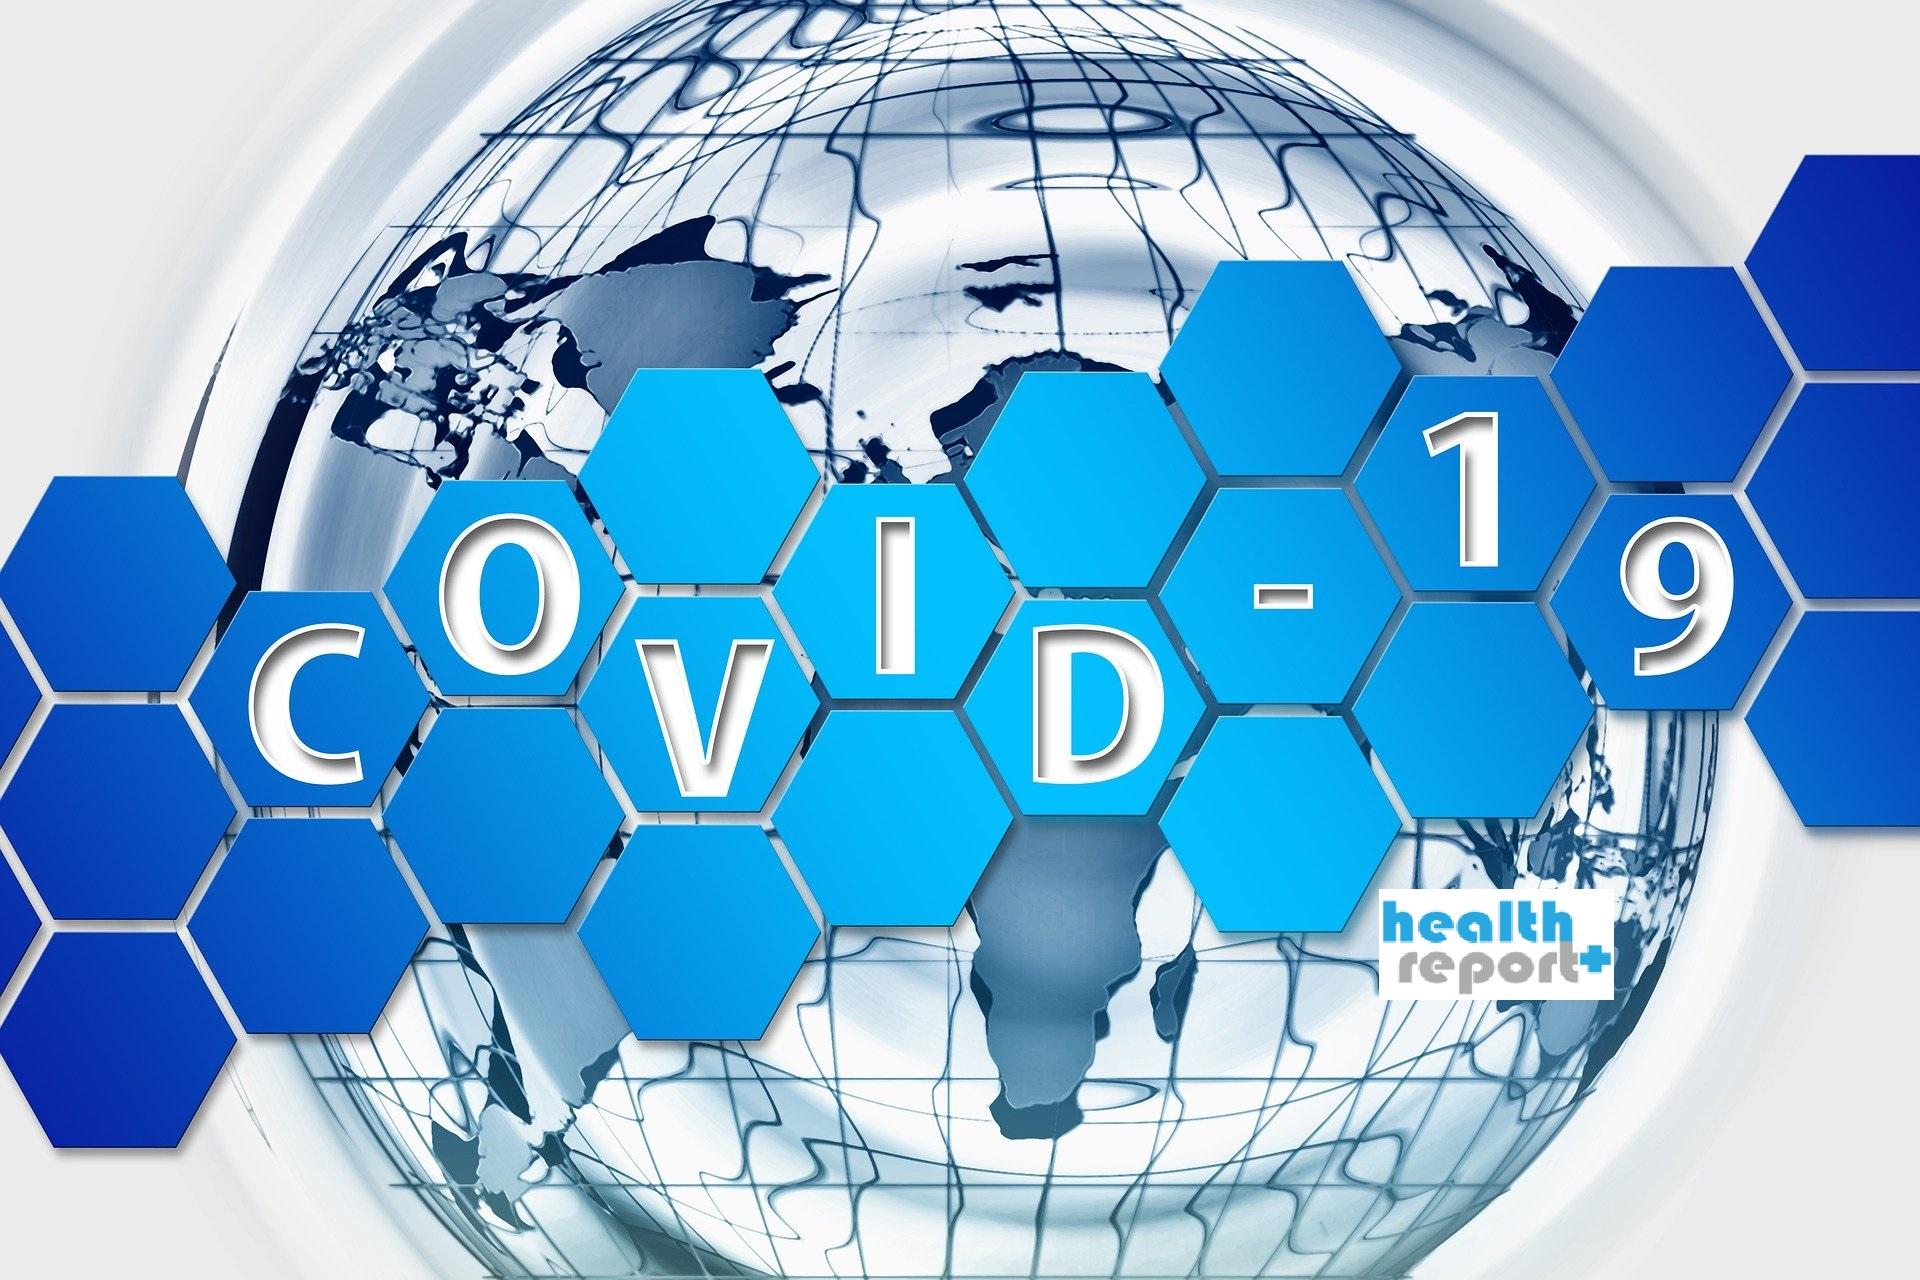 Δράσεις της GSK στην Ελλάδα και παγκοσμίως για την καταπολέμηση της COVID-19